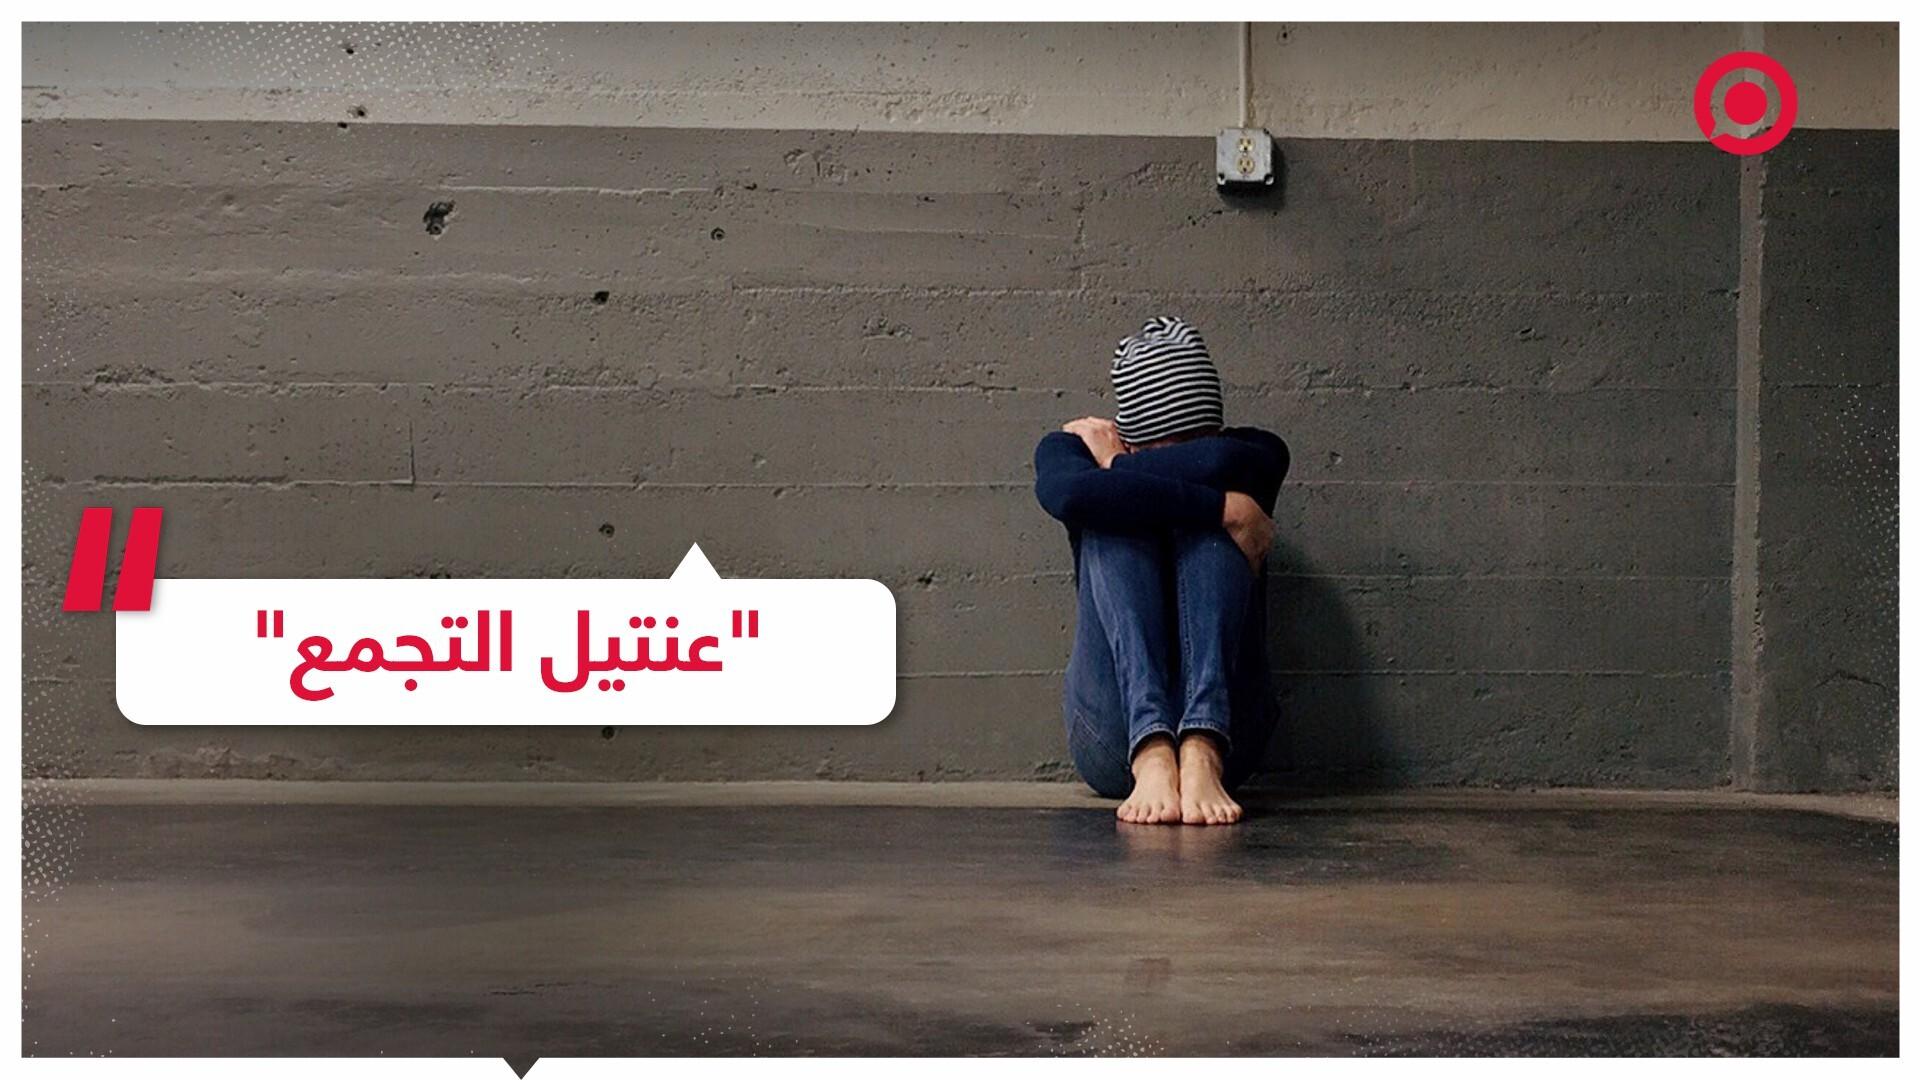 """""""عنتيل التجمع"""".. قضية استغلال جنسي جديدة في مصر تشغل مواقع التواصل"""